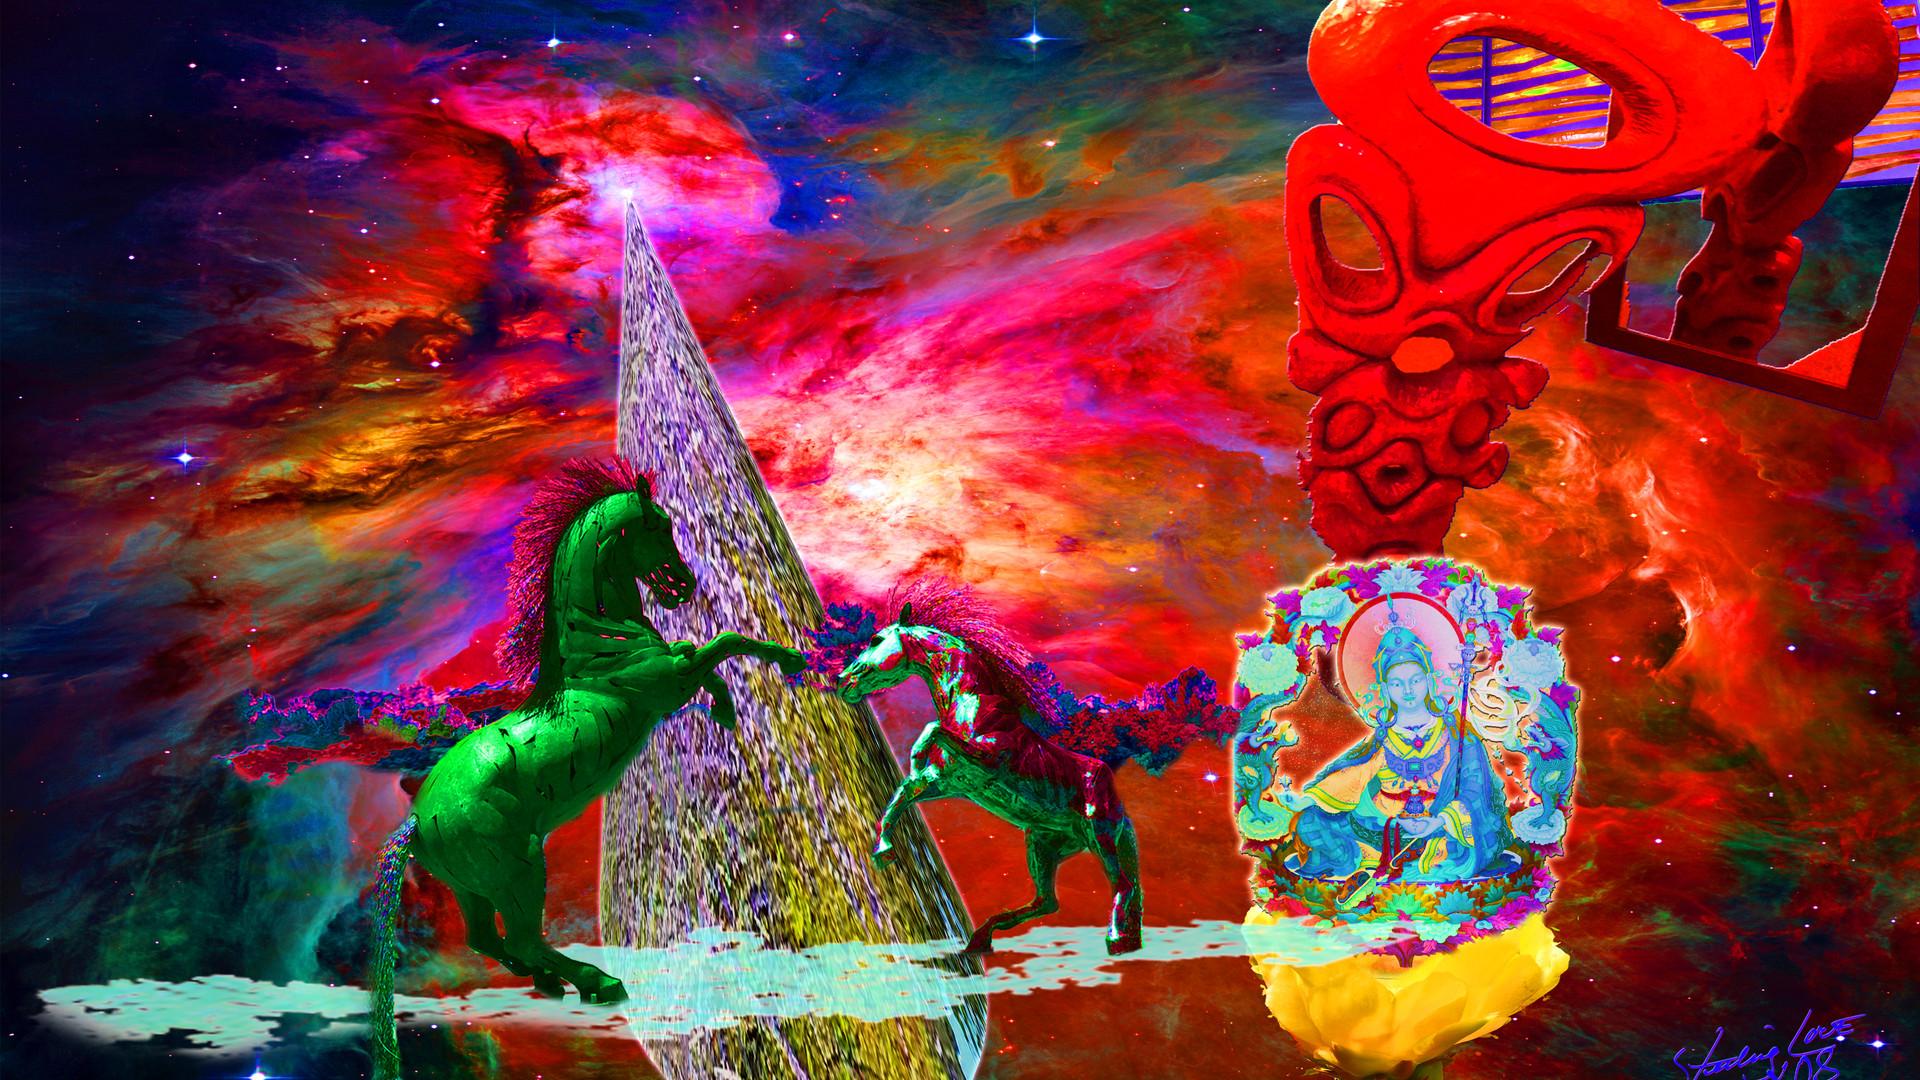 Art from the Vortex